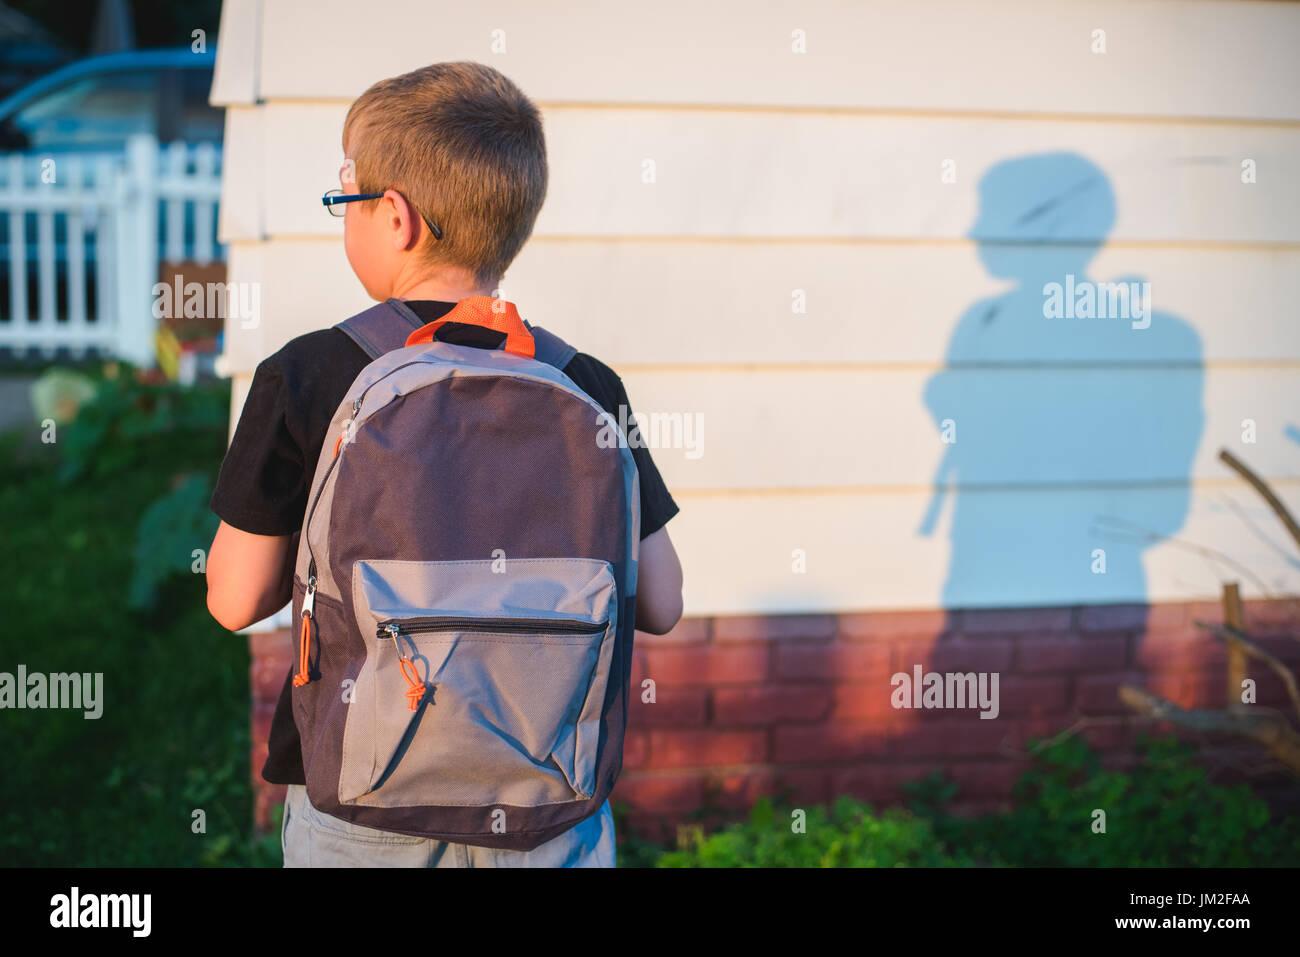 Un étudiant portant un sac à dos ou sac de livres et prêts pour l'école. Photo Stock